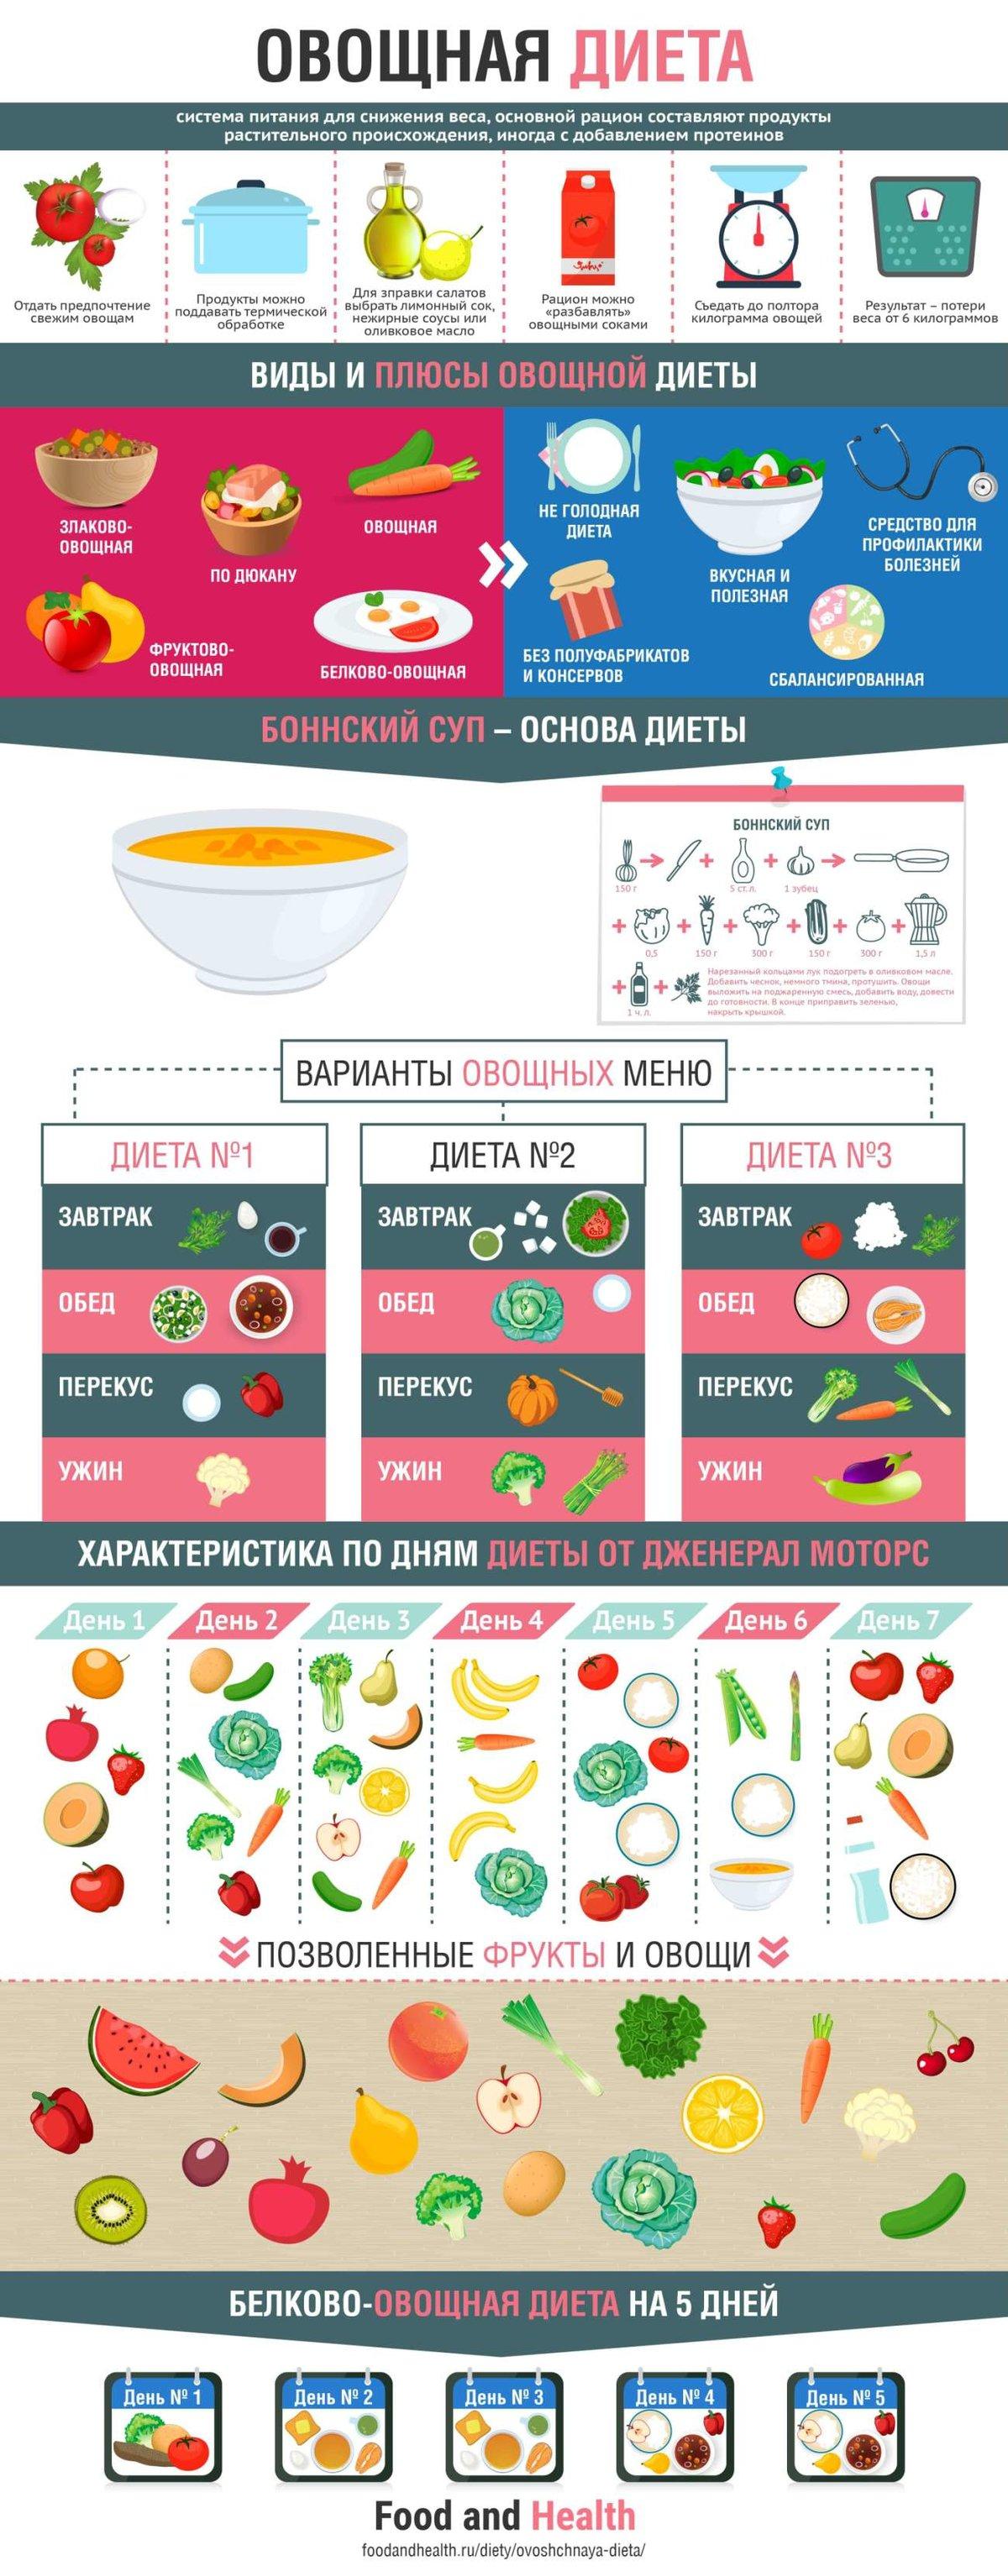 диета 10 дней овощная